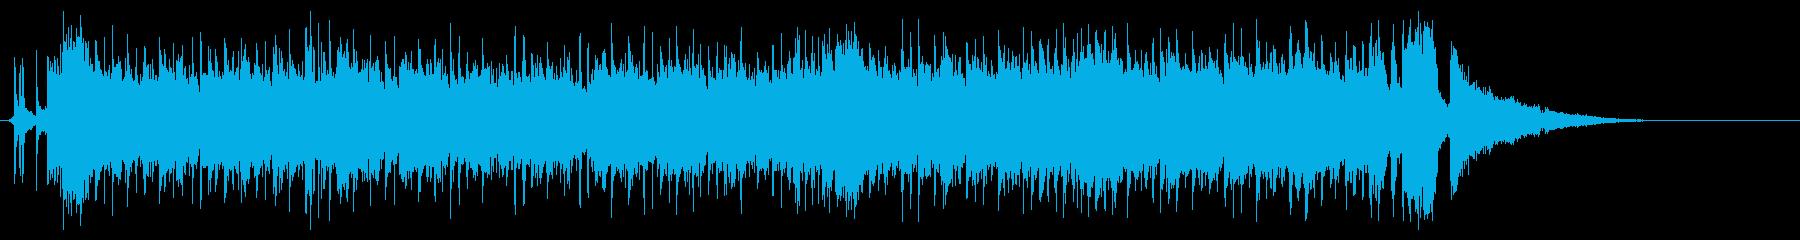 情報番組向け、タイトなポップスの再生済みの波形